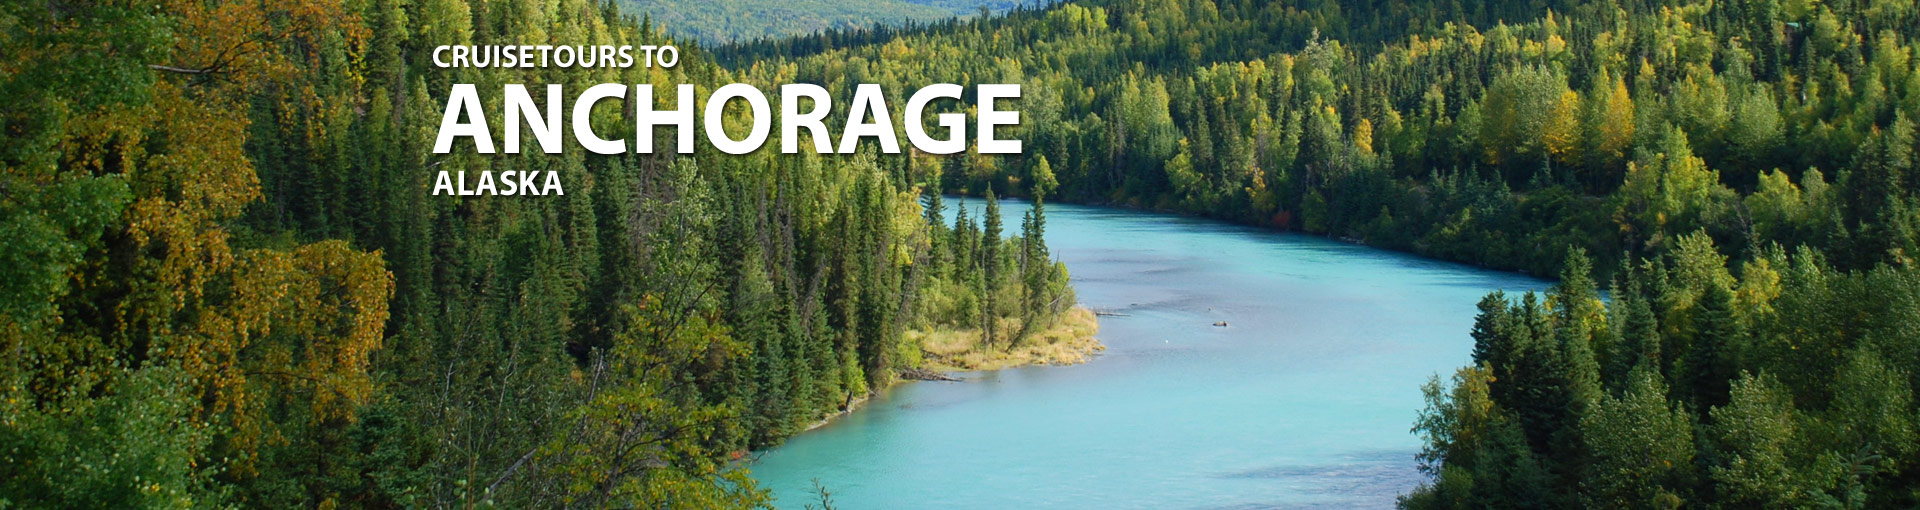 Cruisetours to Anchorage, Alaska